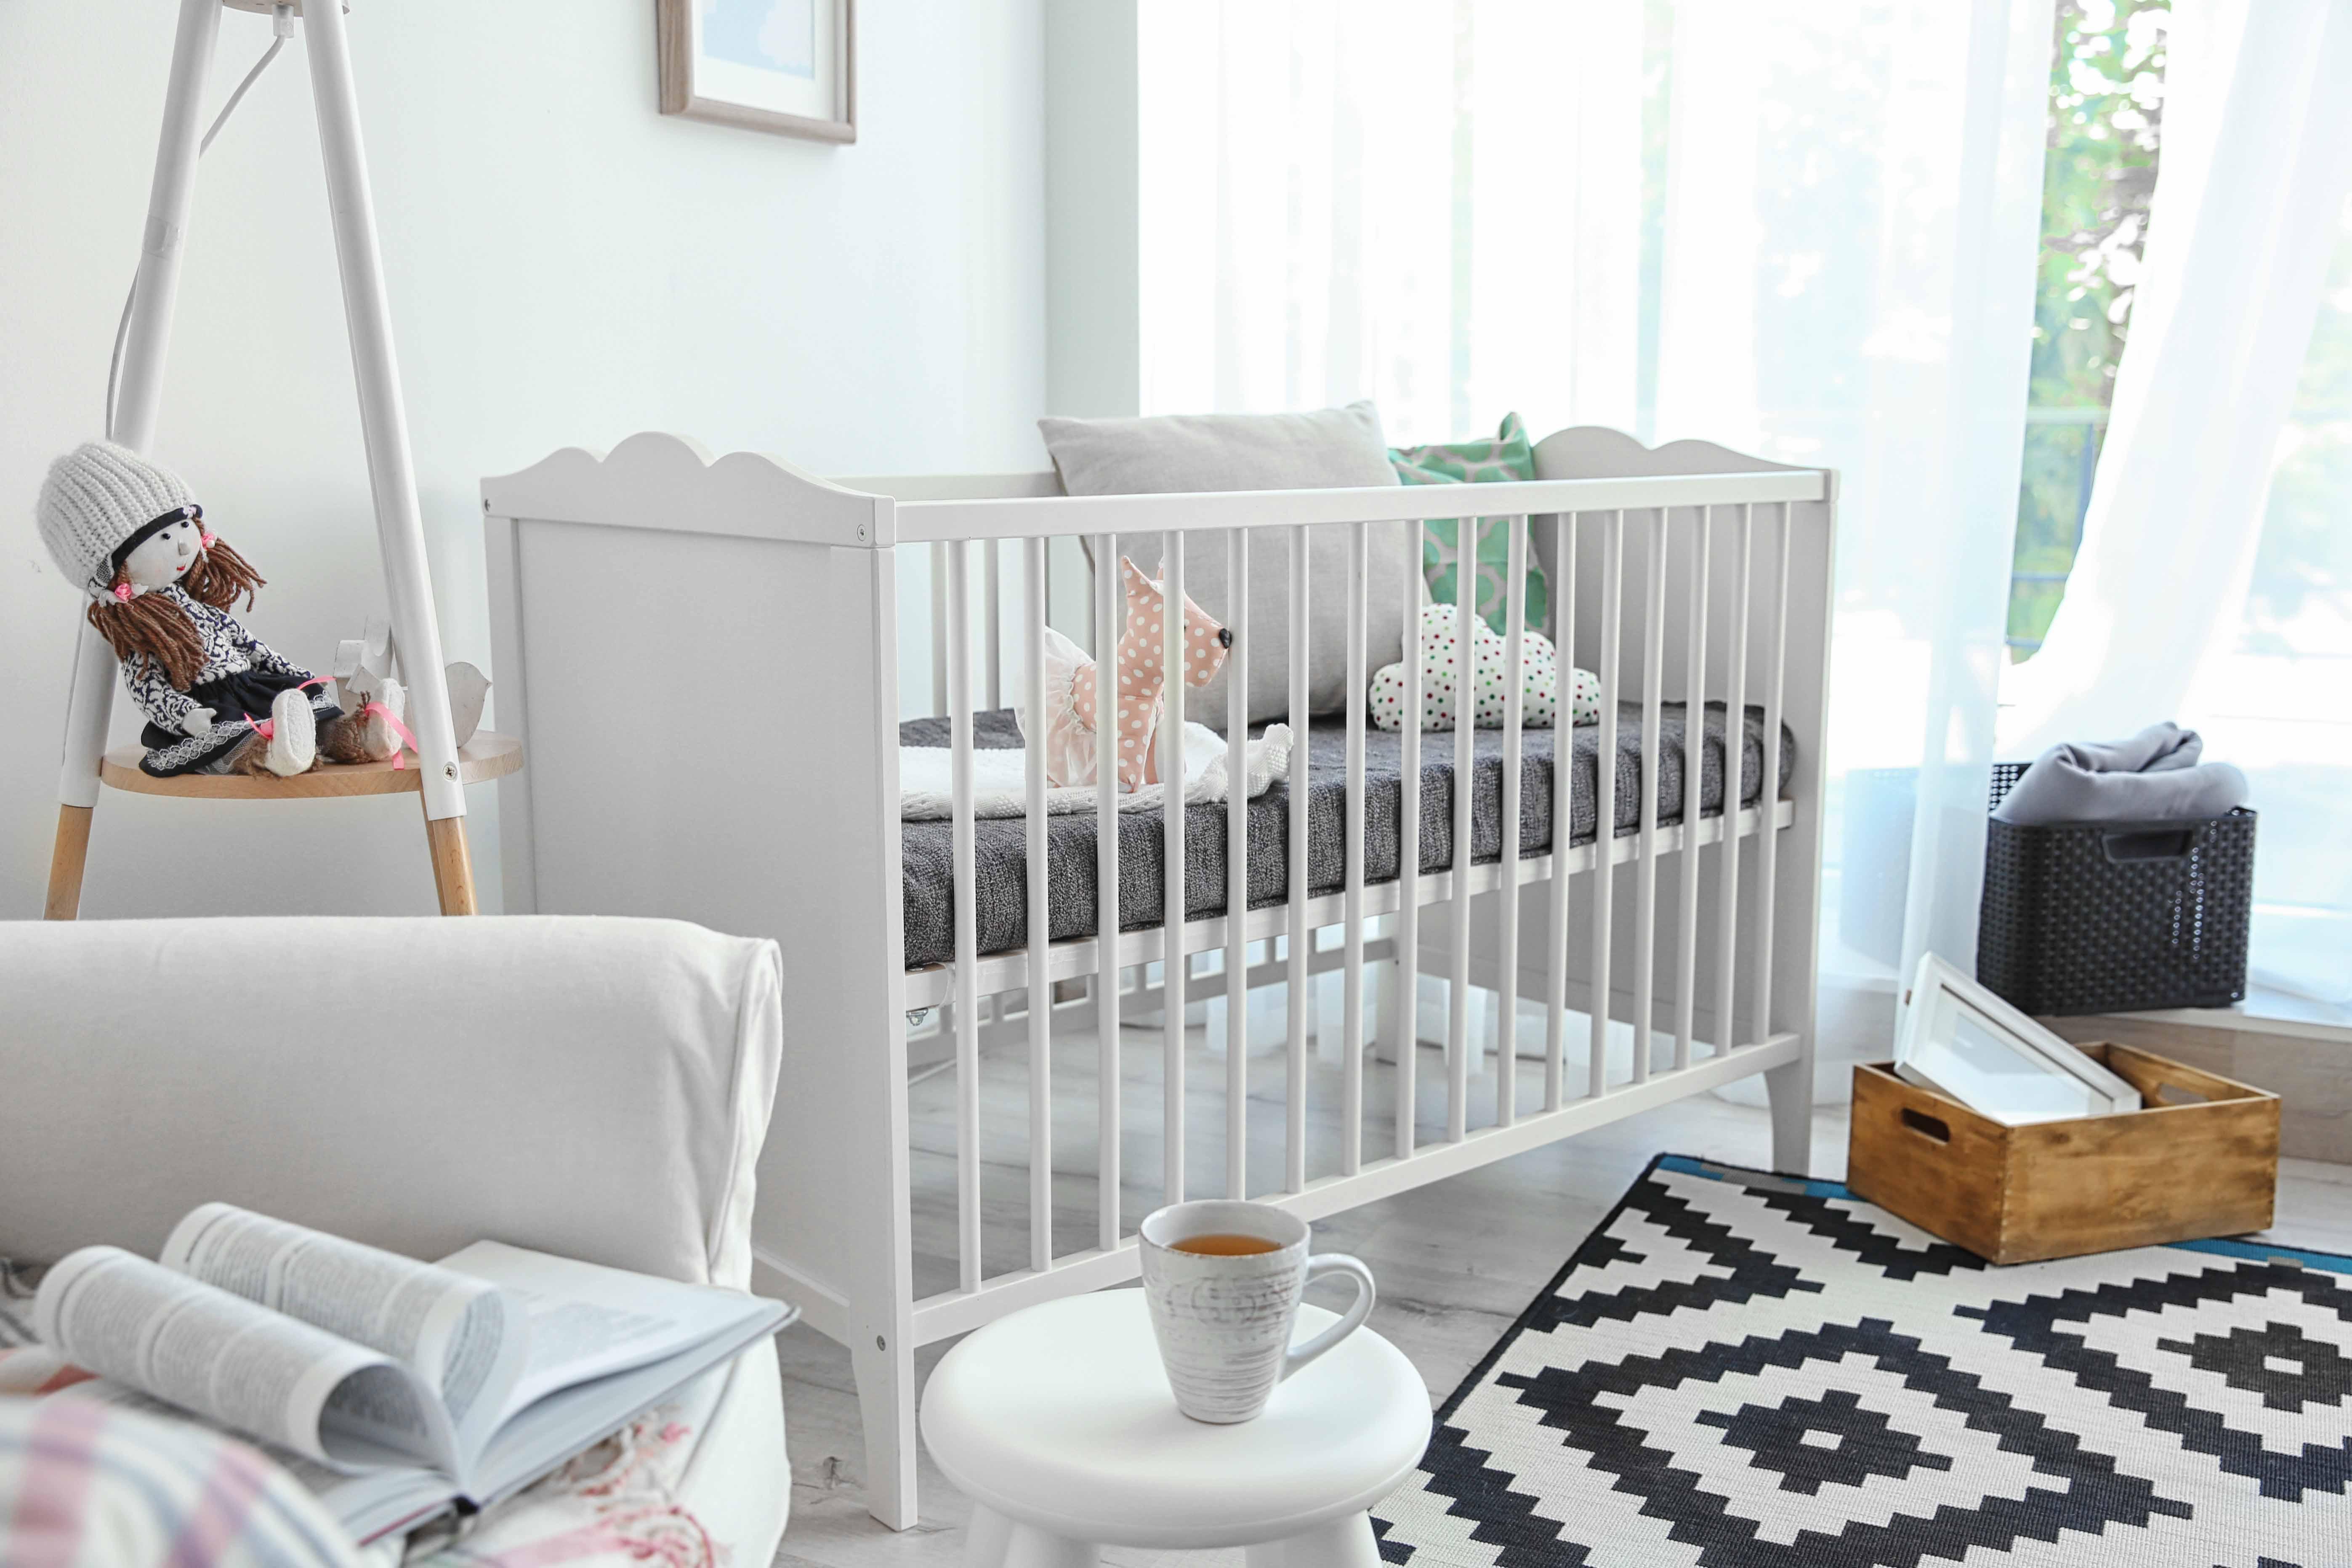 Qué es mejor cortinas o estores para habitación infantil